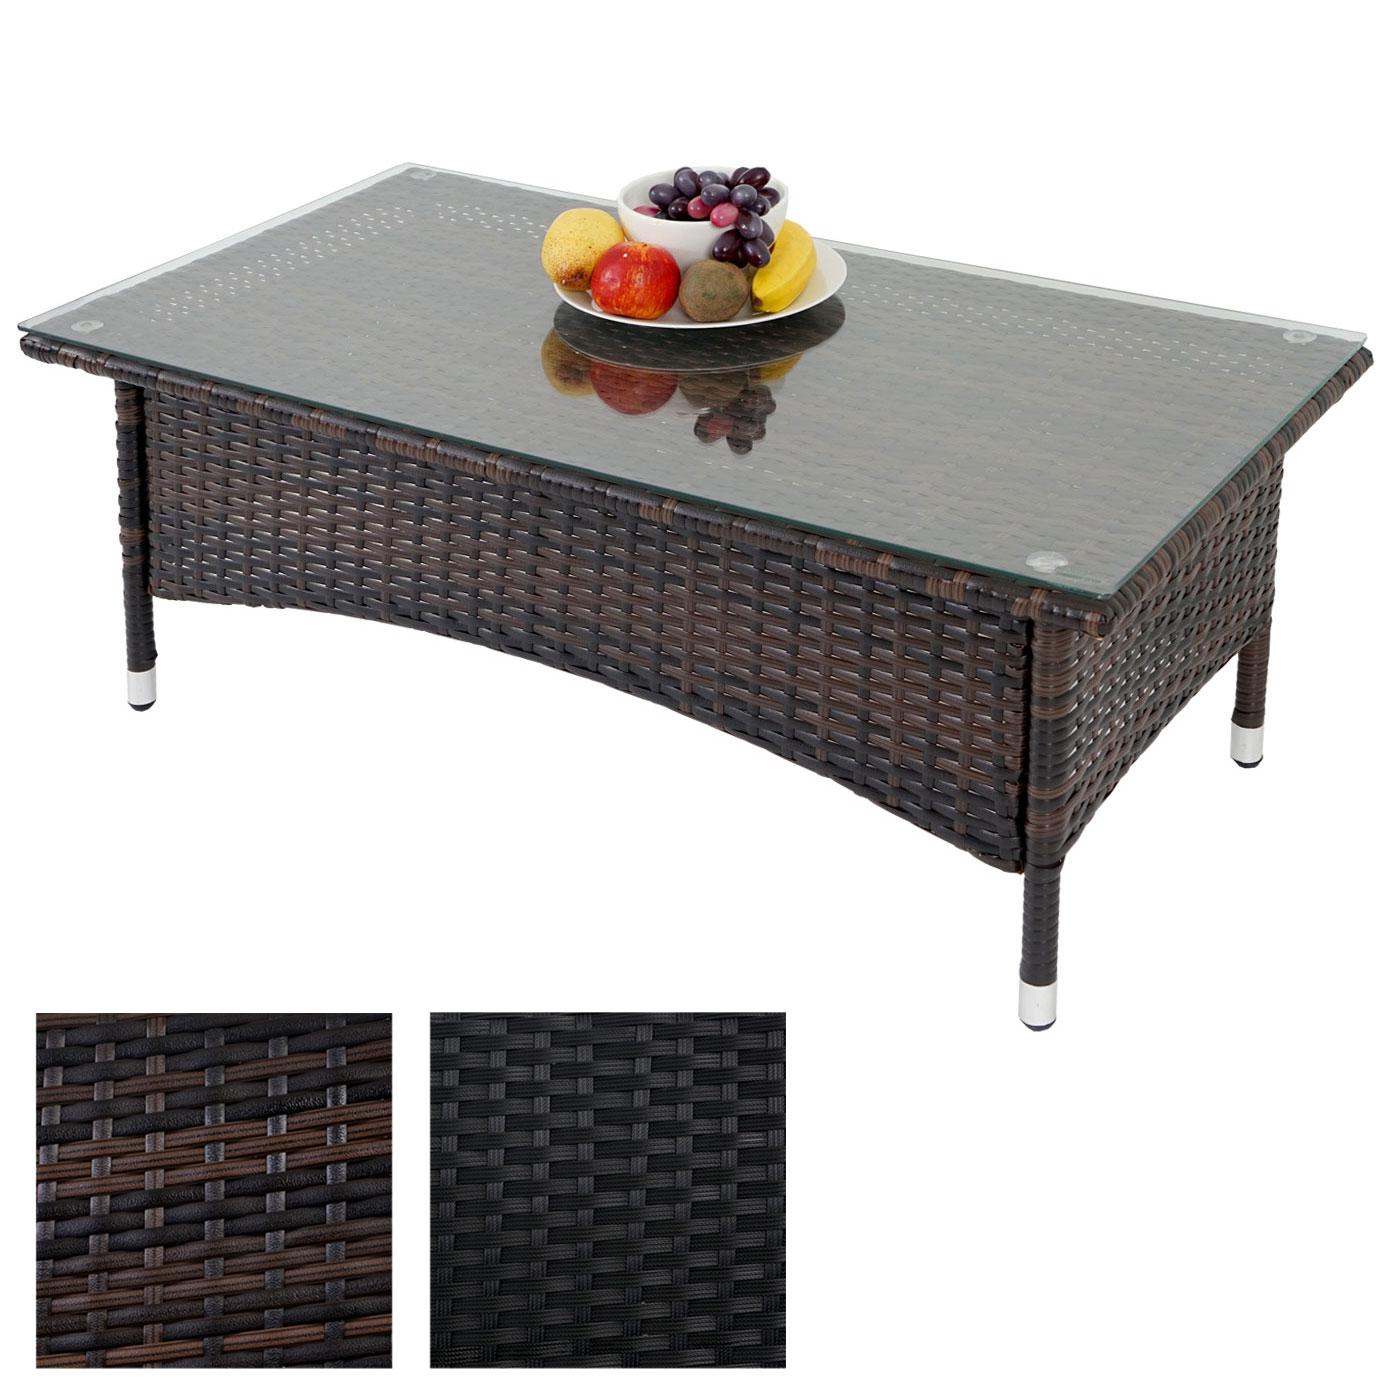 Poly rattan gartentisch rom basic beistelltisch tisch mit for Extra breiter sessel